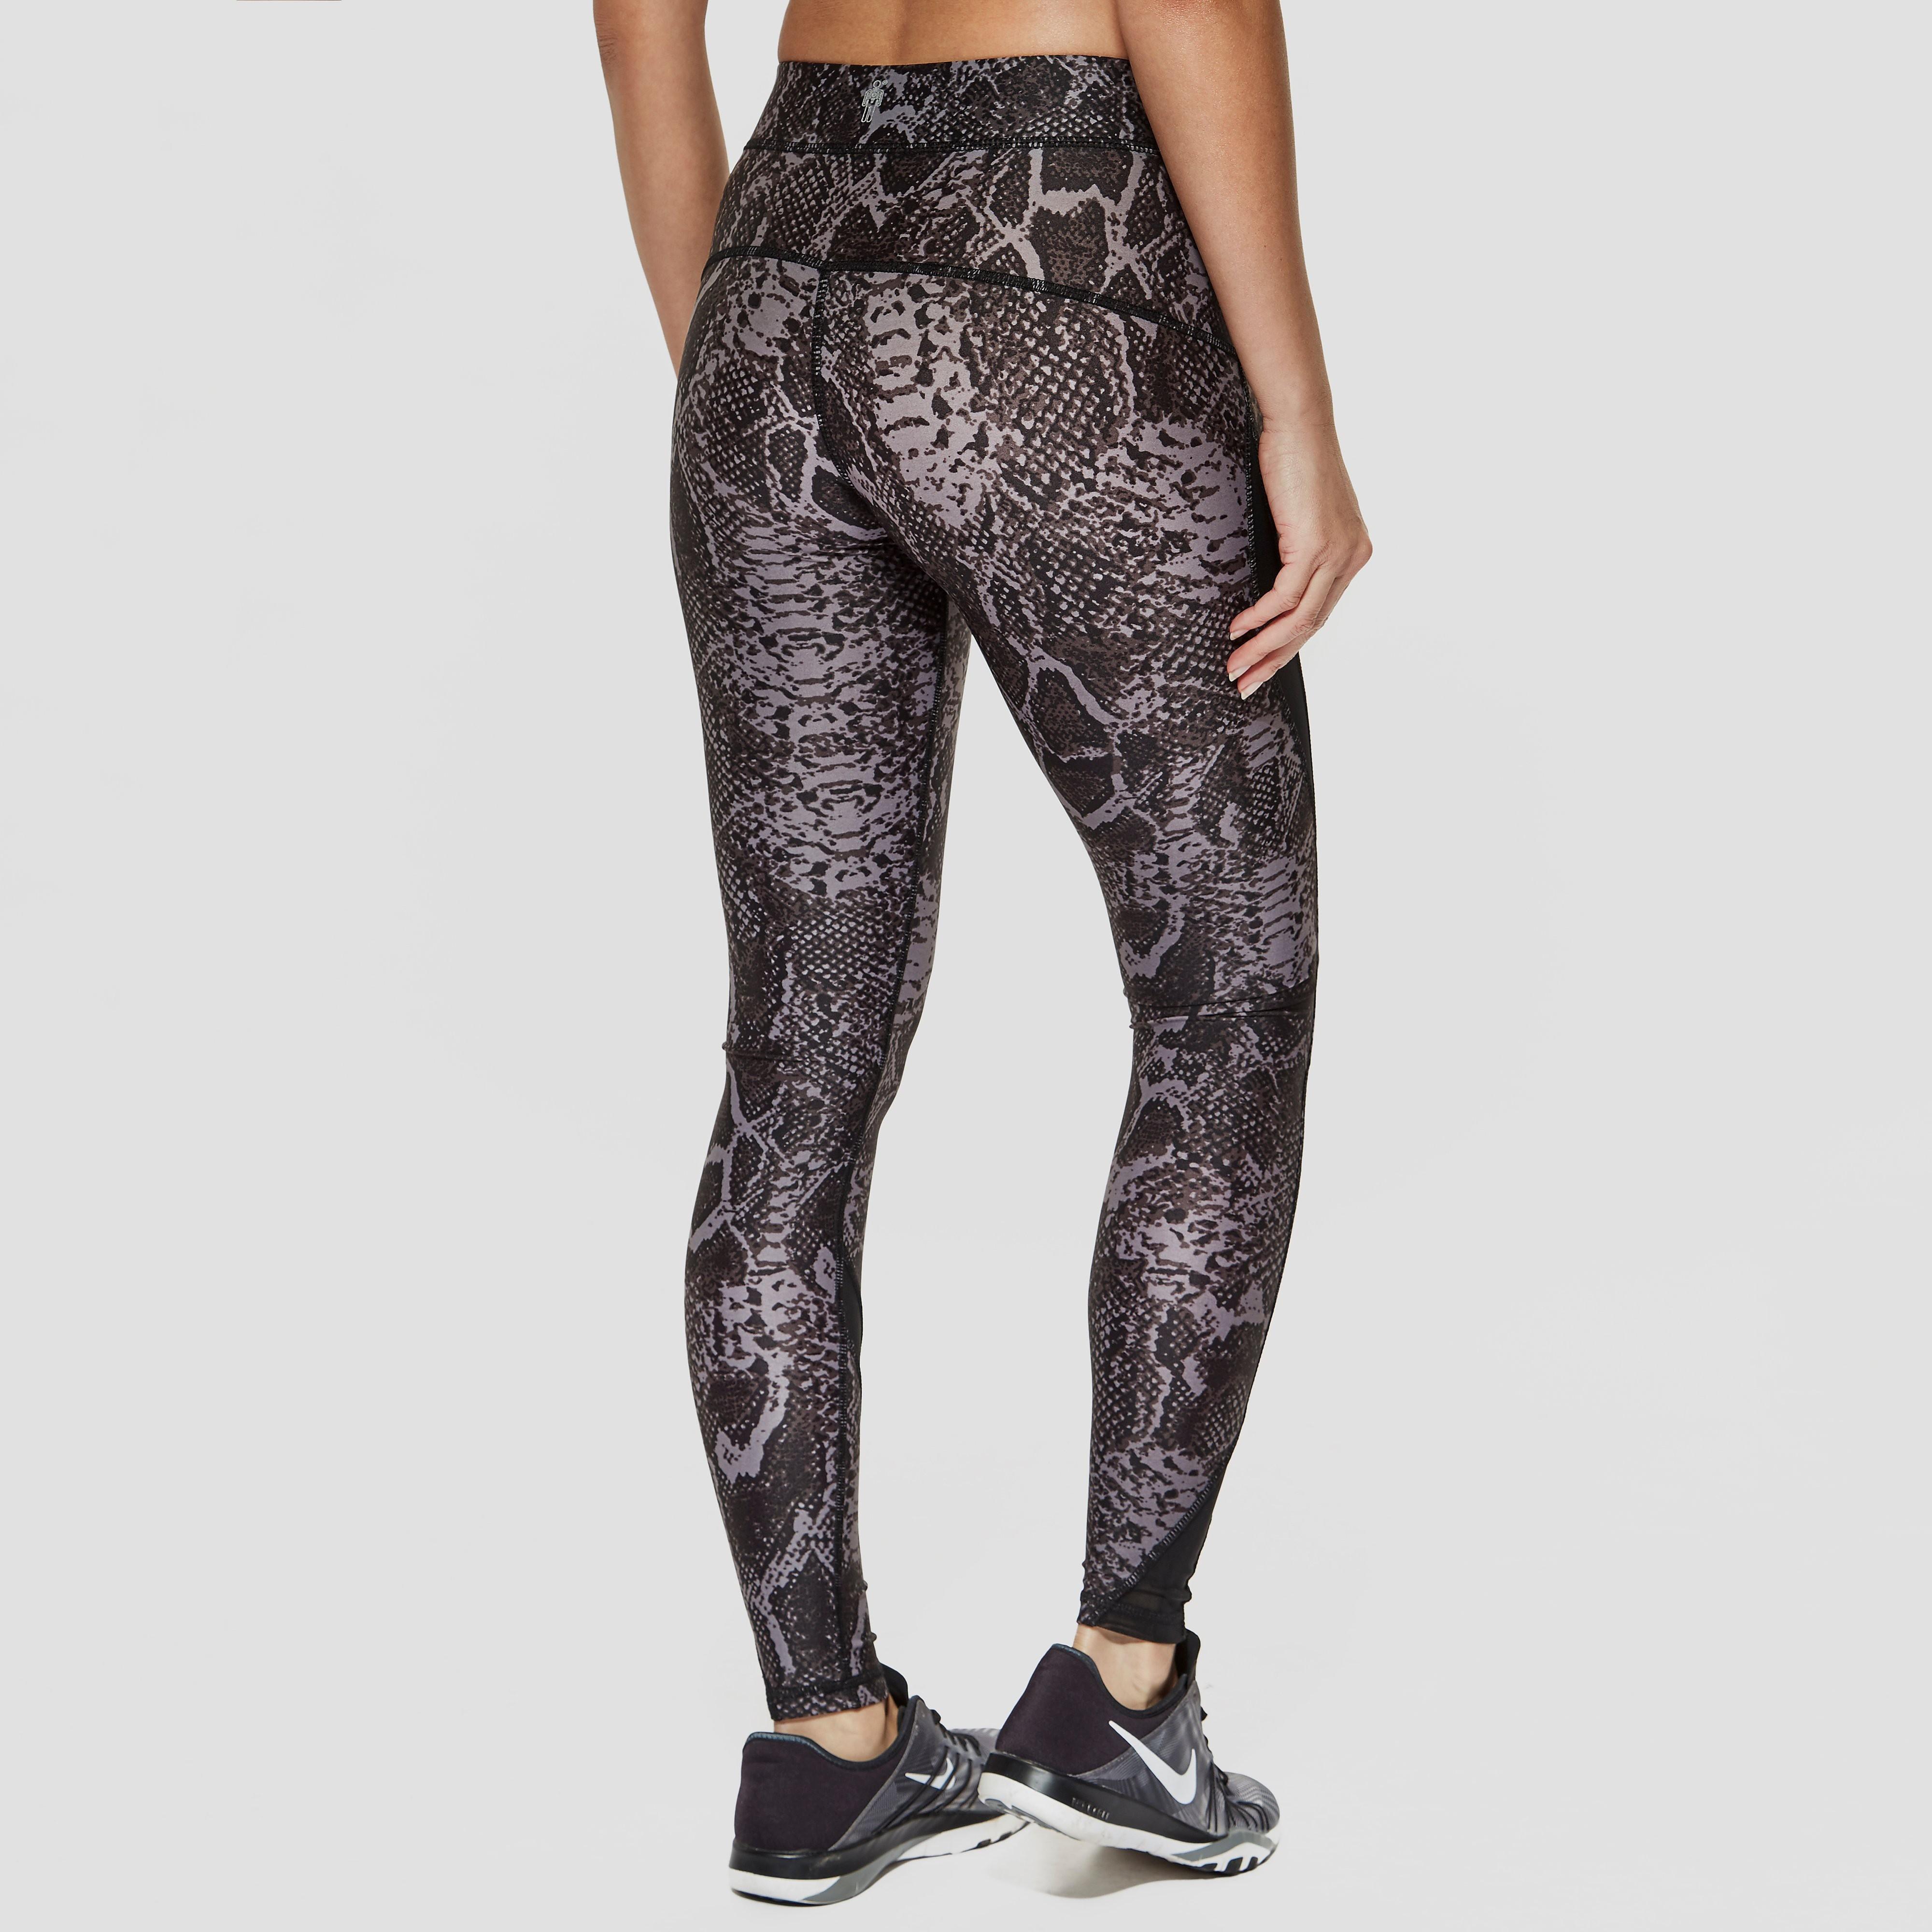 hpe Black Snake X Women's Leggings